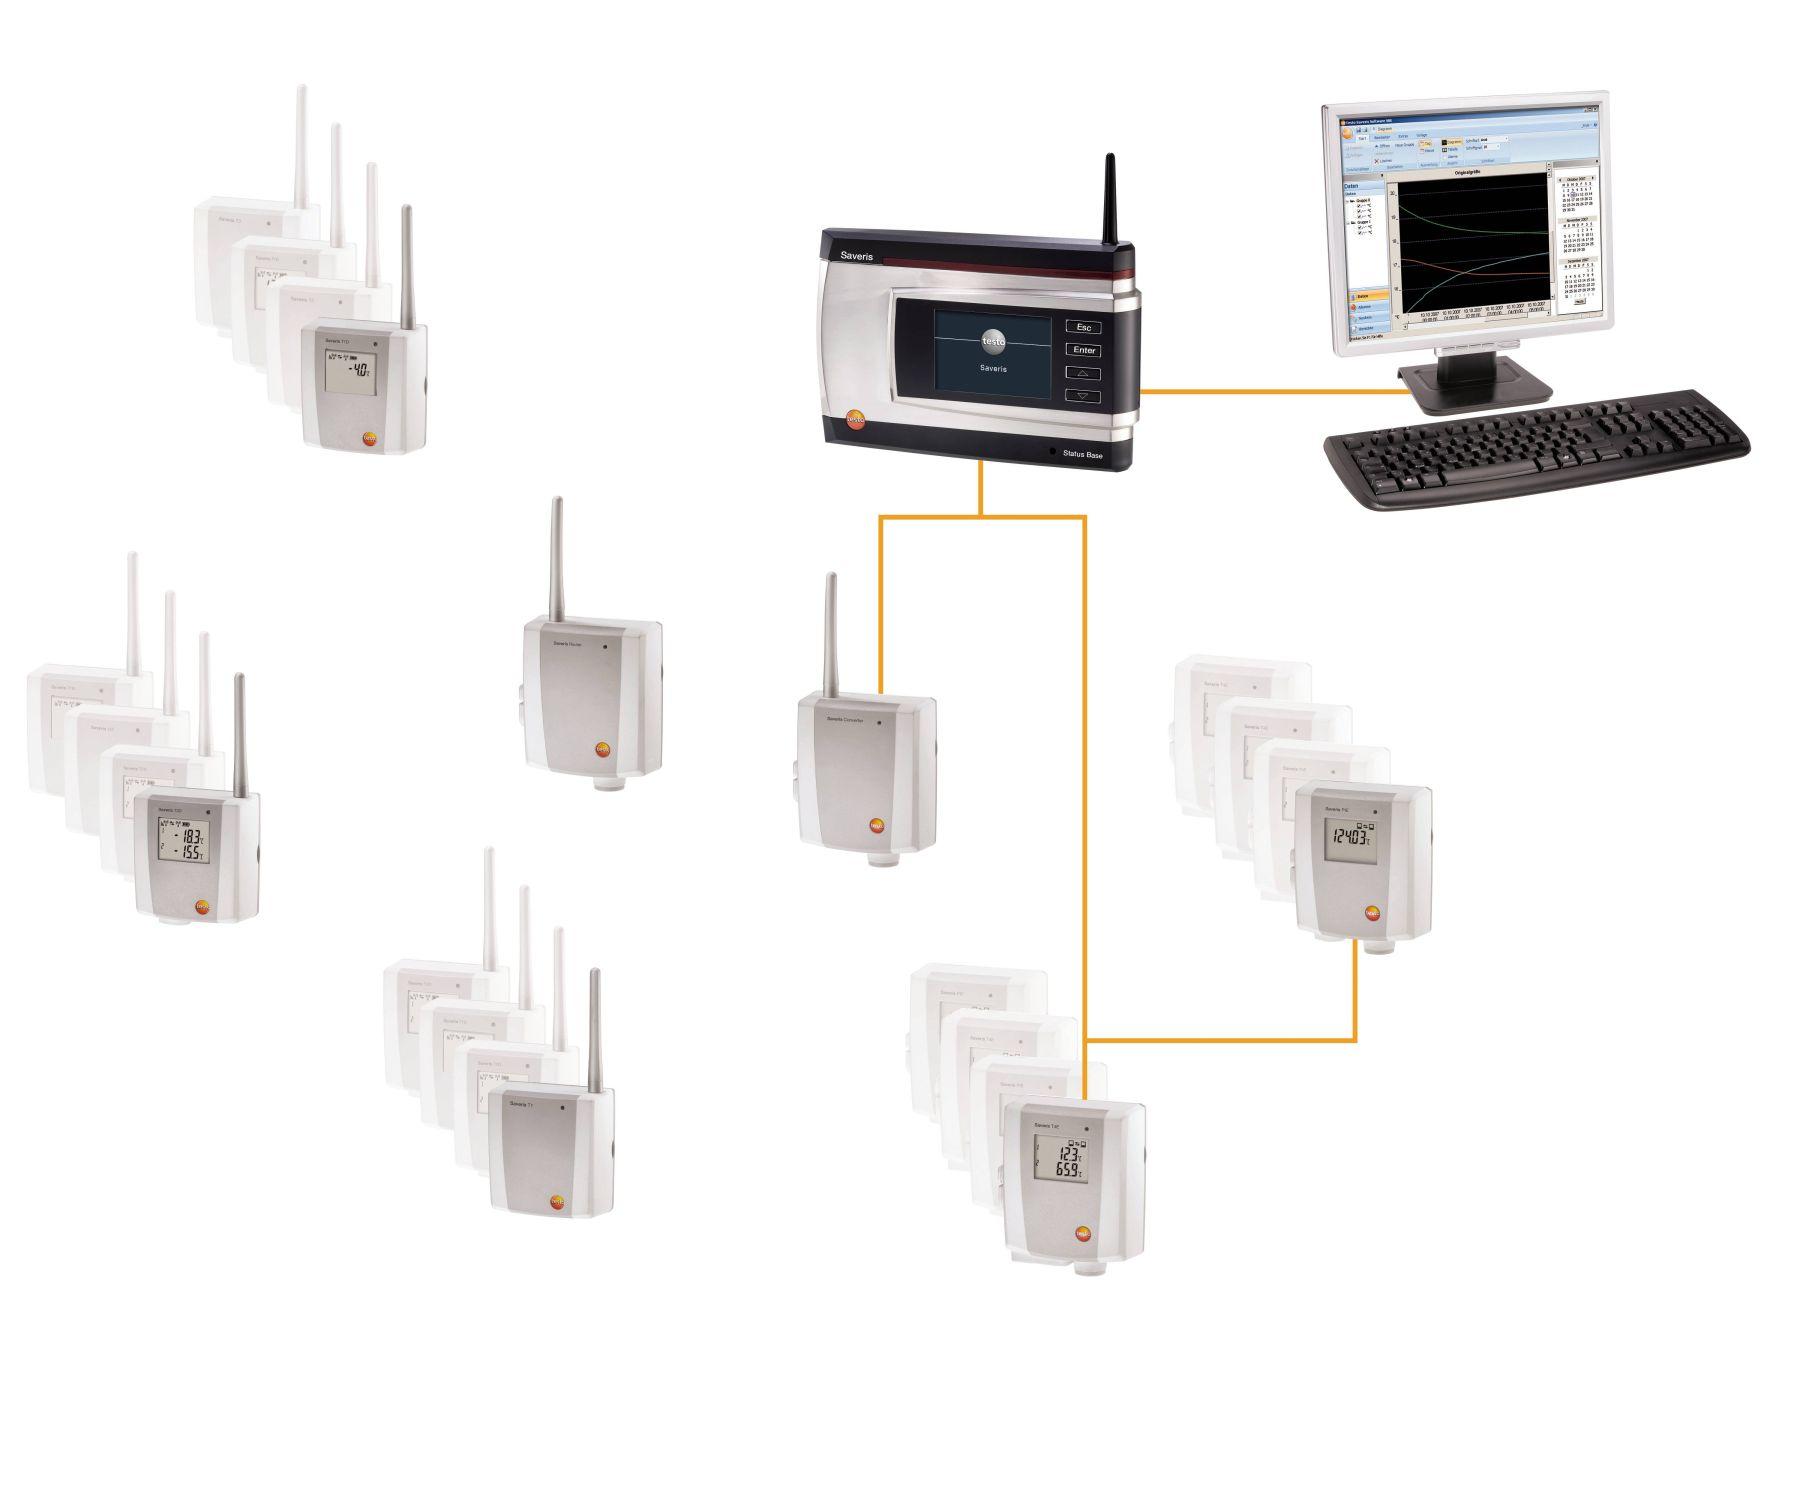 Imag-testoSaveris-equipo-esquema-04.jpg